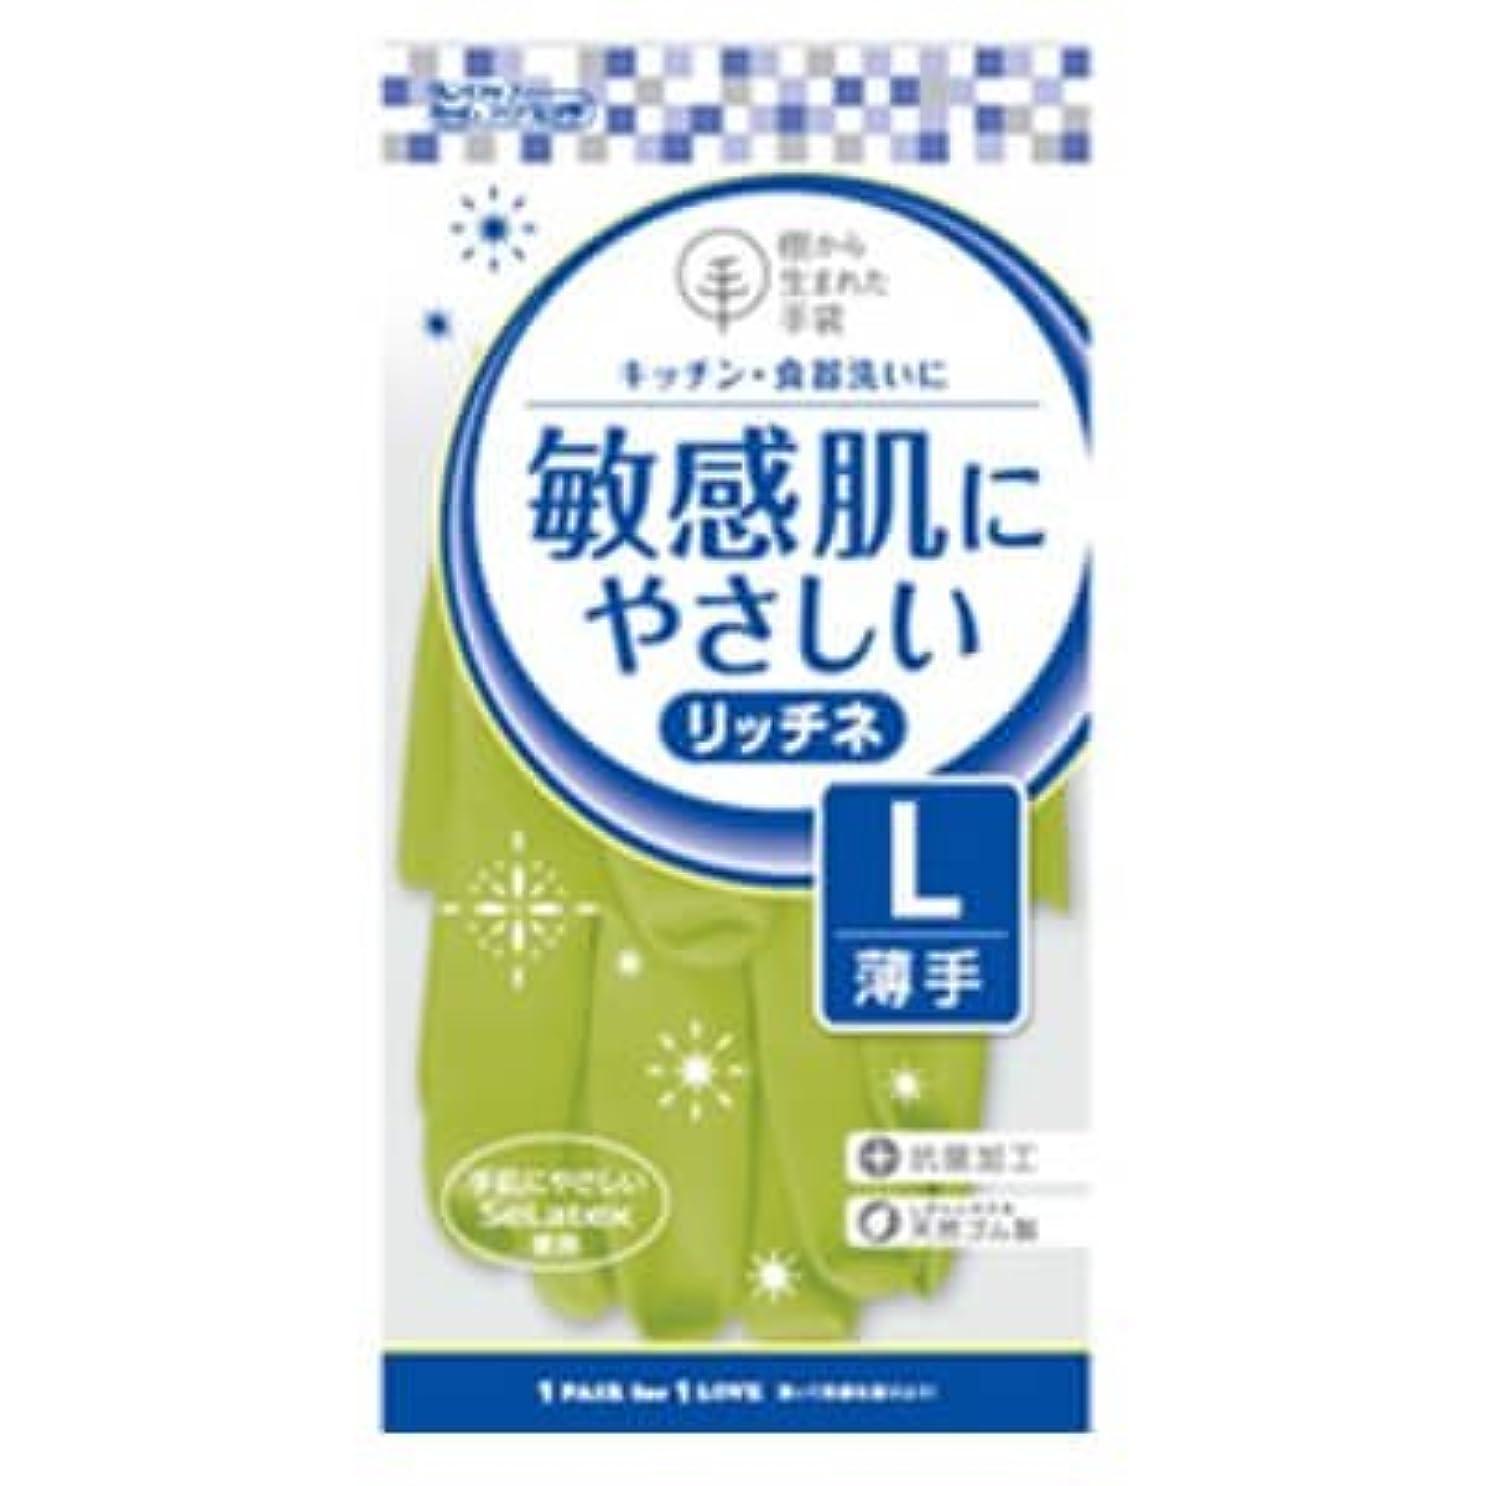 魂節約一過性【ケース販売】 ダンロップ 敏感肌にやさしい リッチネ 薄手 L グリーン (10双×24袋)